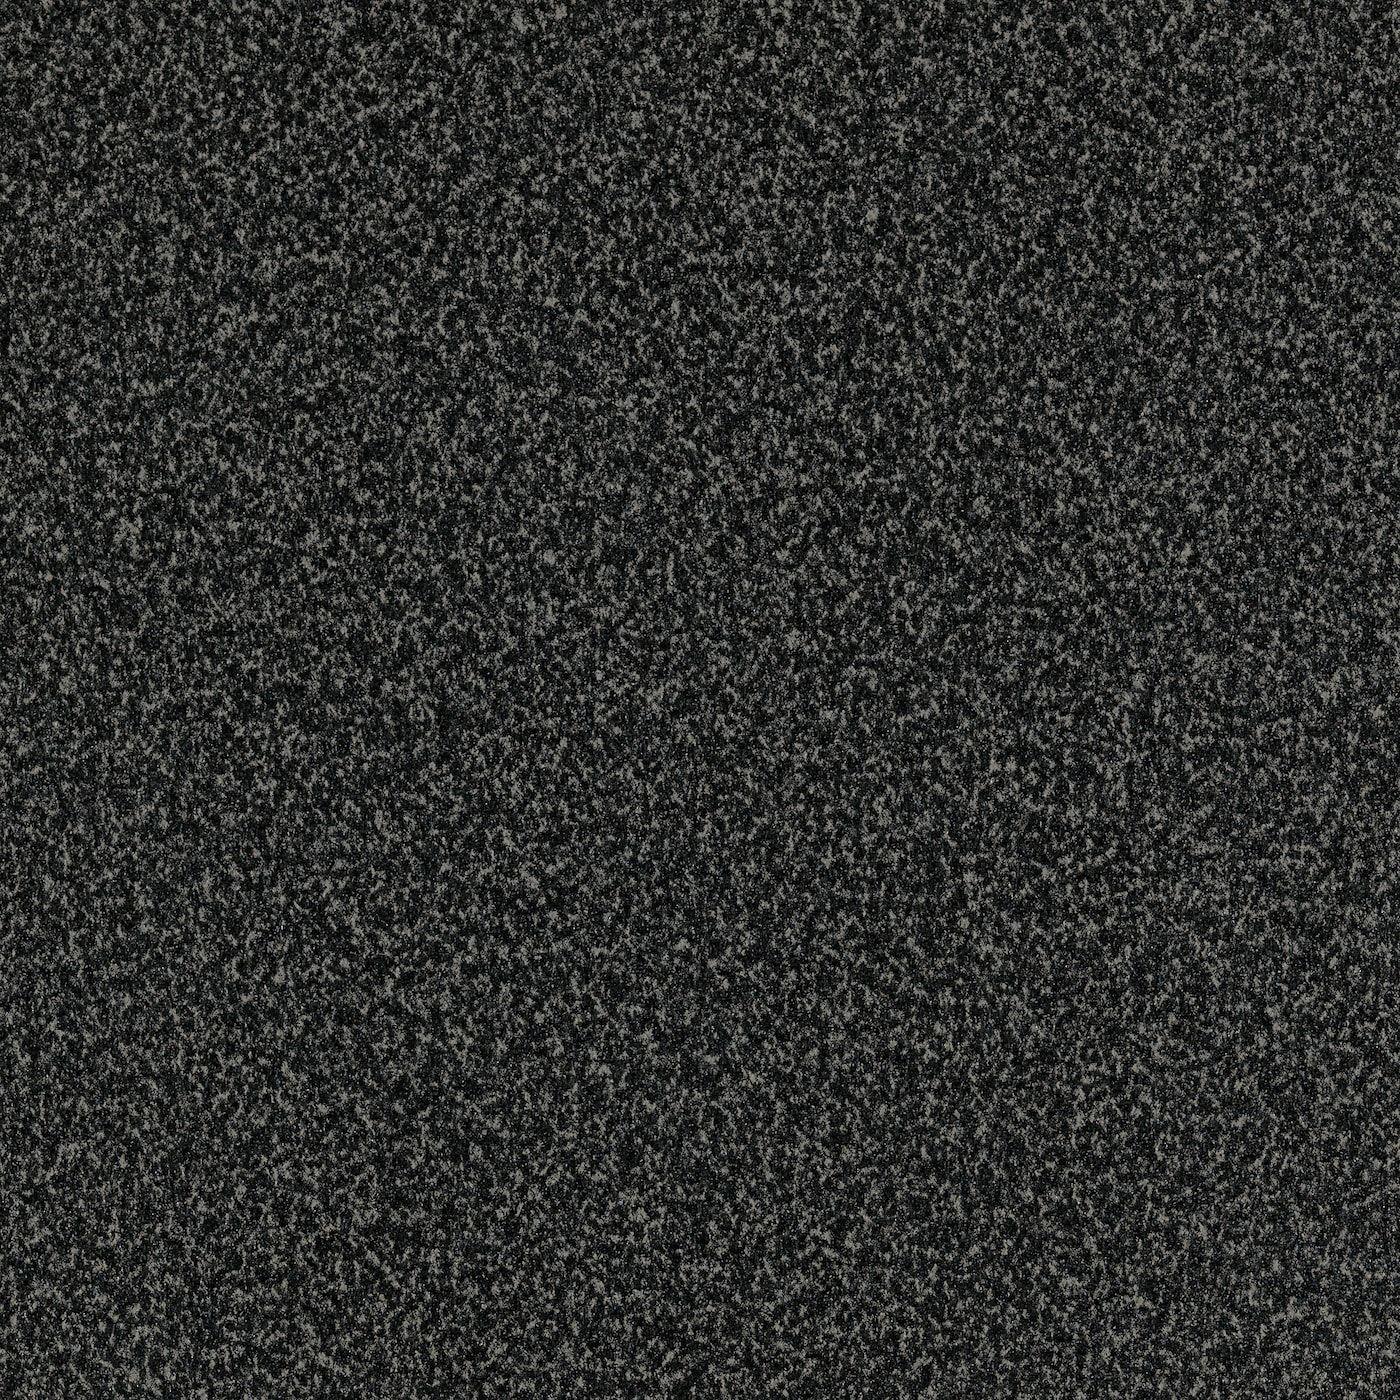 Ekbacken Arbeitsplatte Schwarz Steinmuster Laminat In 2020 Arbeitsplatte Arbeitsplatte Schwarz Und Laminat Ikea